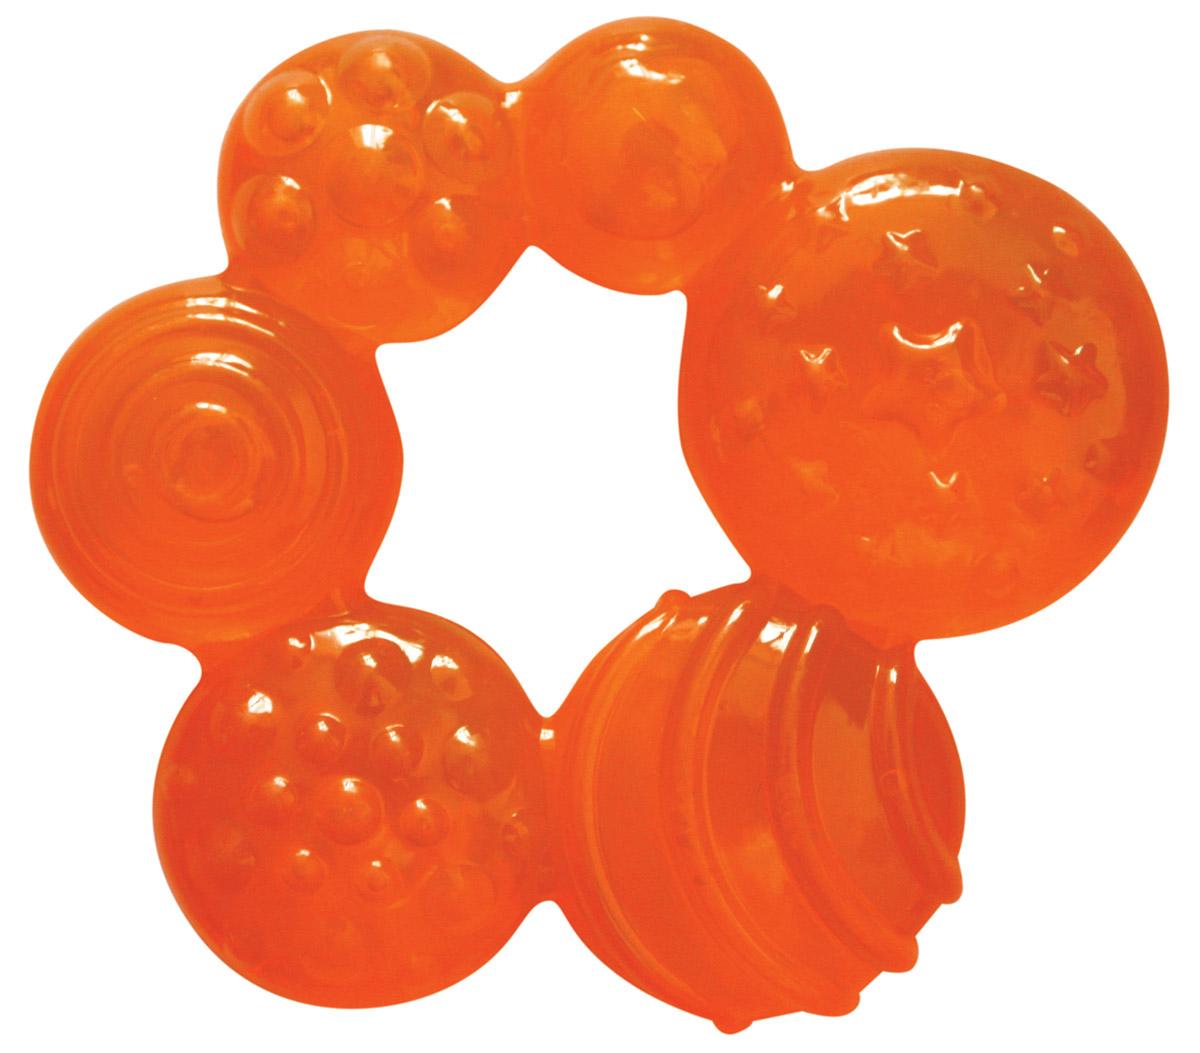 Lubby Прорезыватель Геометрия цвет оранжевый13946Прорезыватель Lubby Геометрия особенно востребован в период появления первых зубов у детей. Как известно, играя маленькие дети познают мир, в том числе пробуя на вкус предметы своих игр. Прорезыватель, нежно соприкасаясь с деснами вашего малыша, поможет ему в игровой форме познавать мир. Форма игрушки создана специально для детских ручек. Привлекательный дизайн и эргономика изделия сделают этот прорезыватель любимцем вашего малыша. Перед использованием необходимо тщательно вымыть изделие теплой водой с мылом и прополоскать. Перед тем, как давать изделие ребенку, рекомендовано поместить прорезыватель на несколько минут в холодильник. Не класть в морозильную камеру!